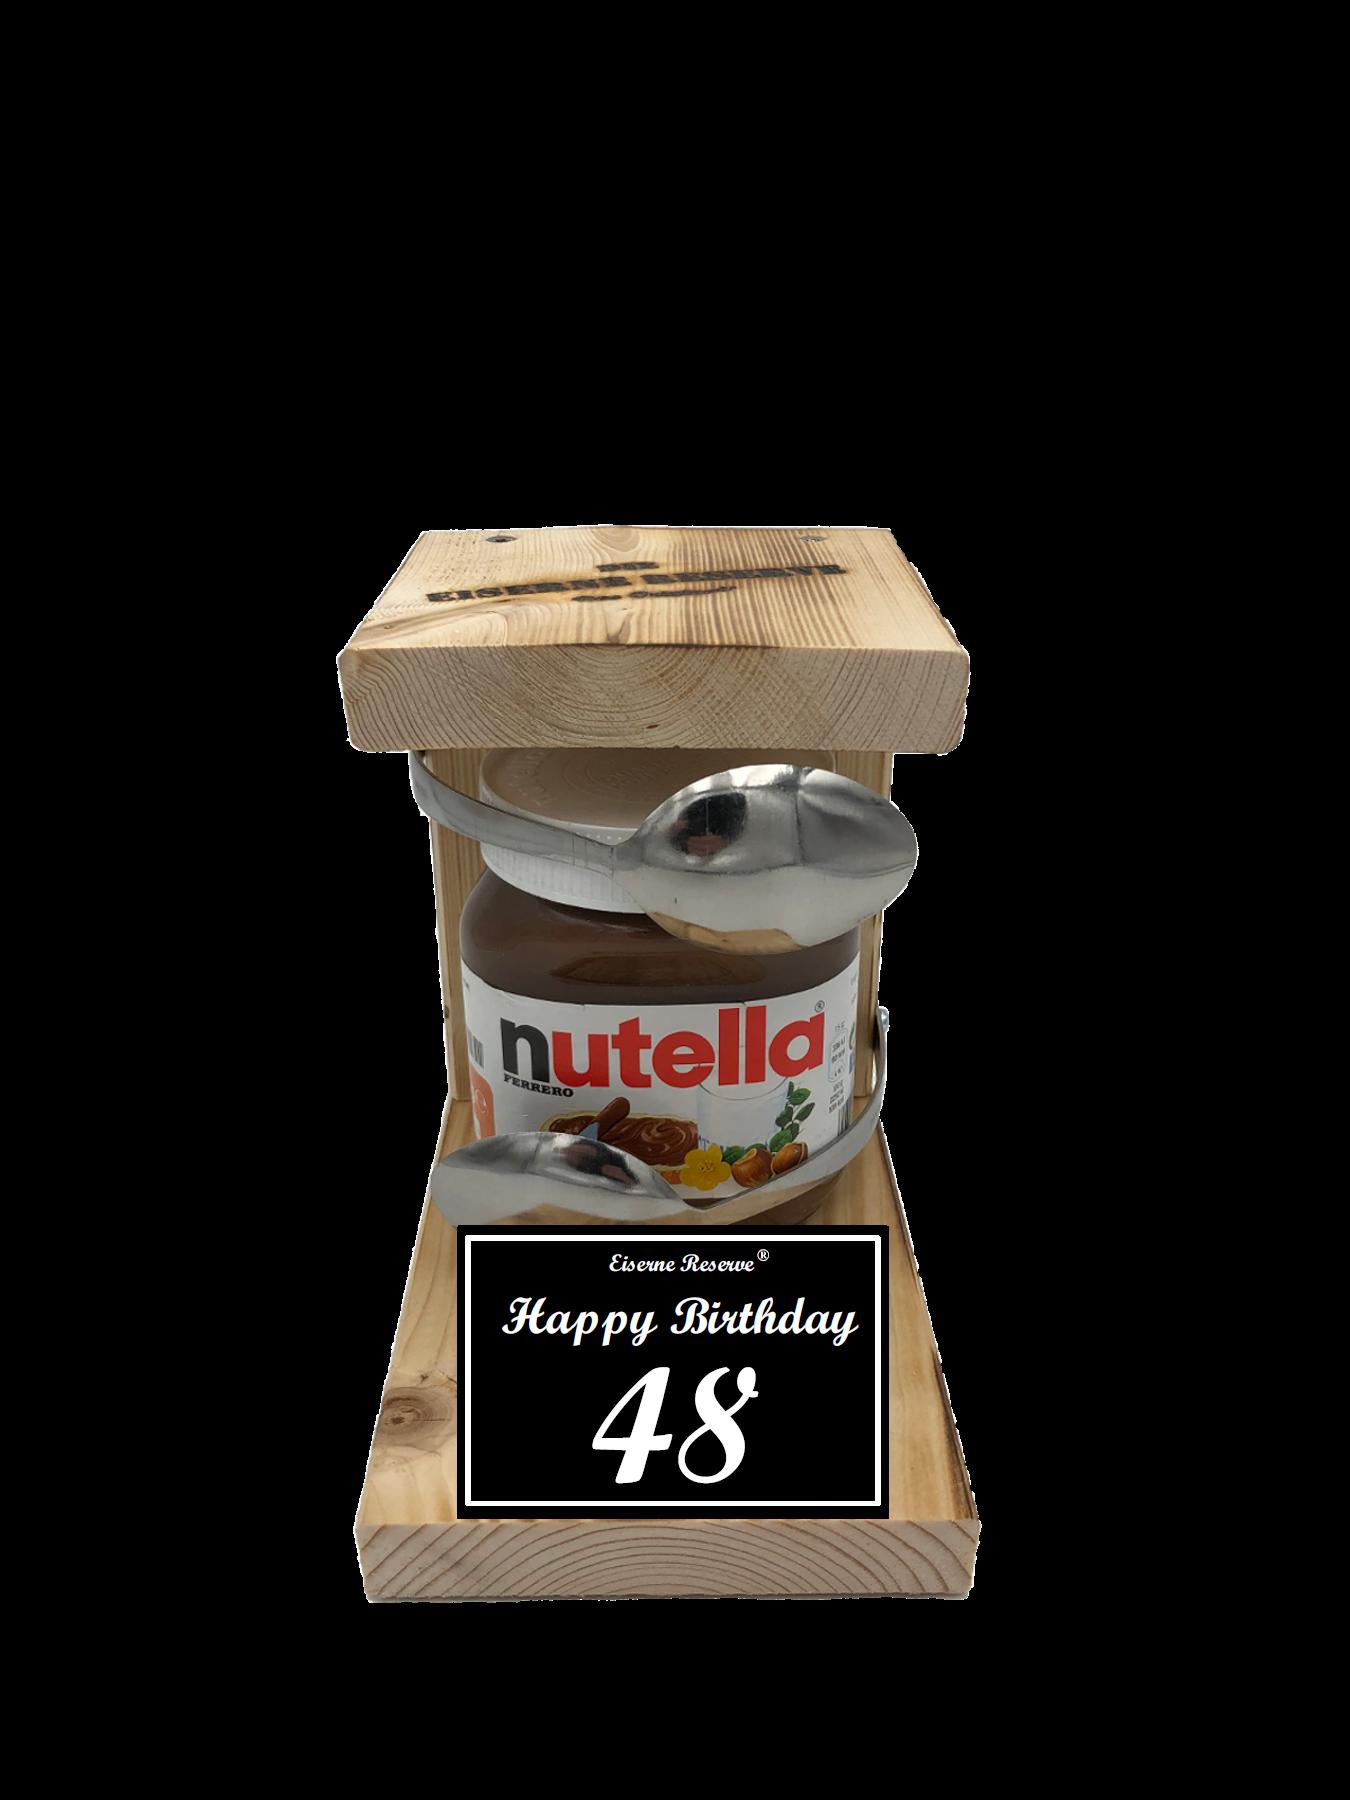 48 Happy Birthday Löffel Nutella Geschenk - Die Nutella Geschenkidee